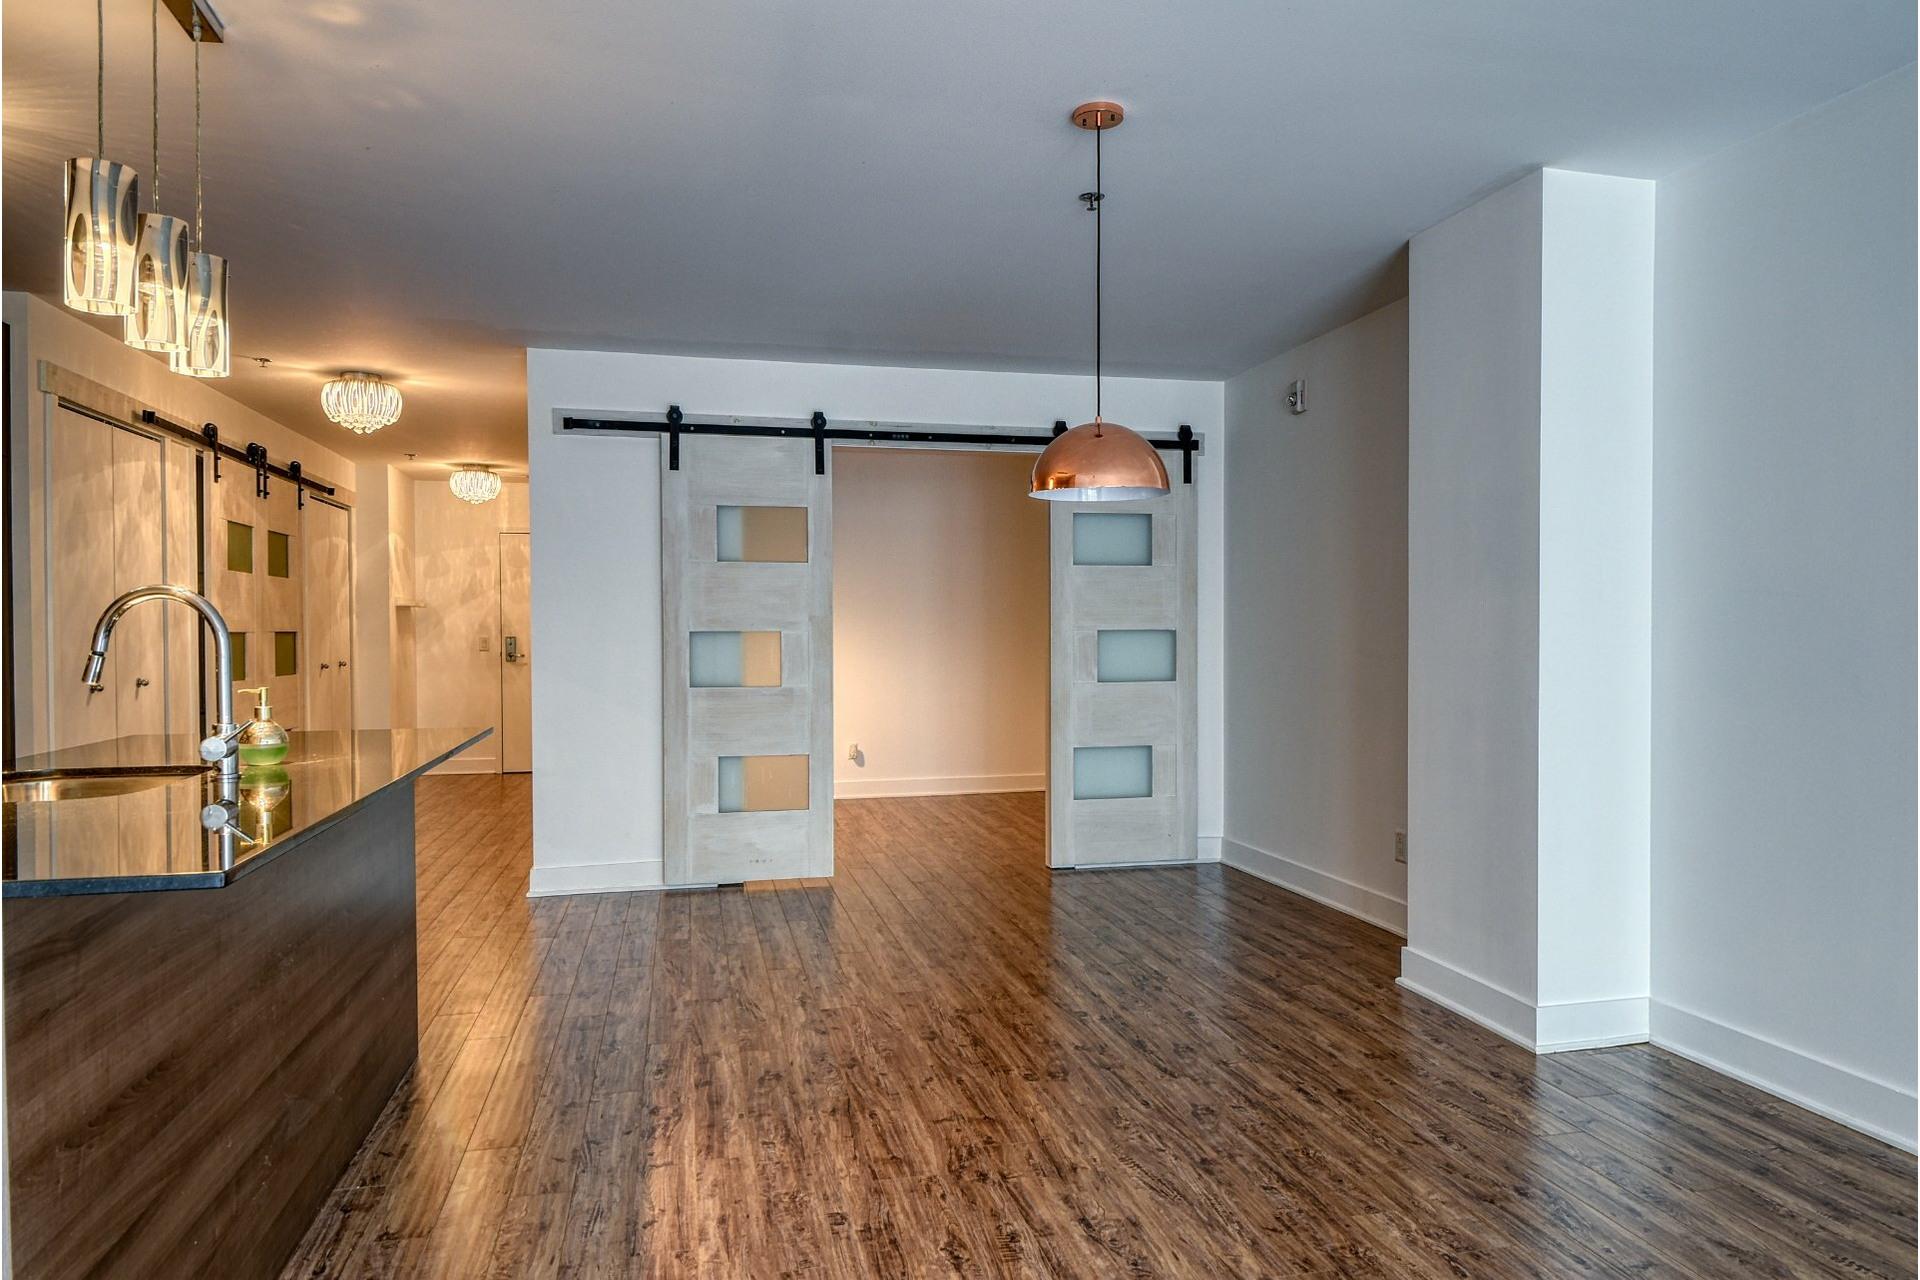 image 3 - Appartement À vendre Ahuntsic-Cartierville Montréal  - 5 pièces